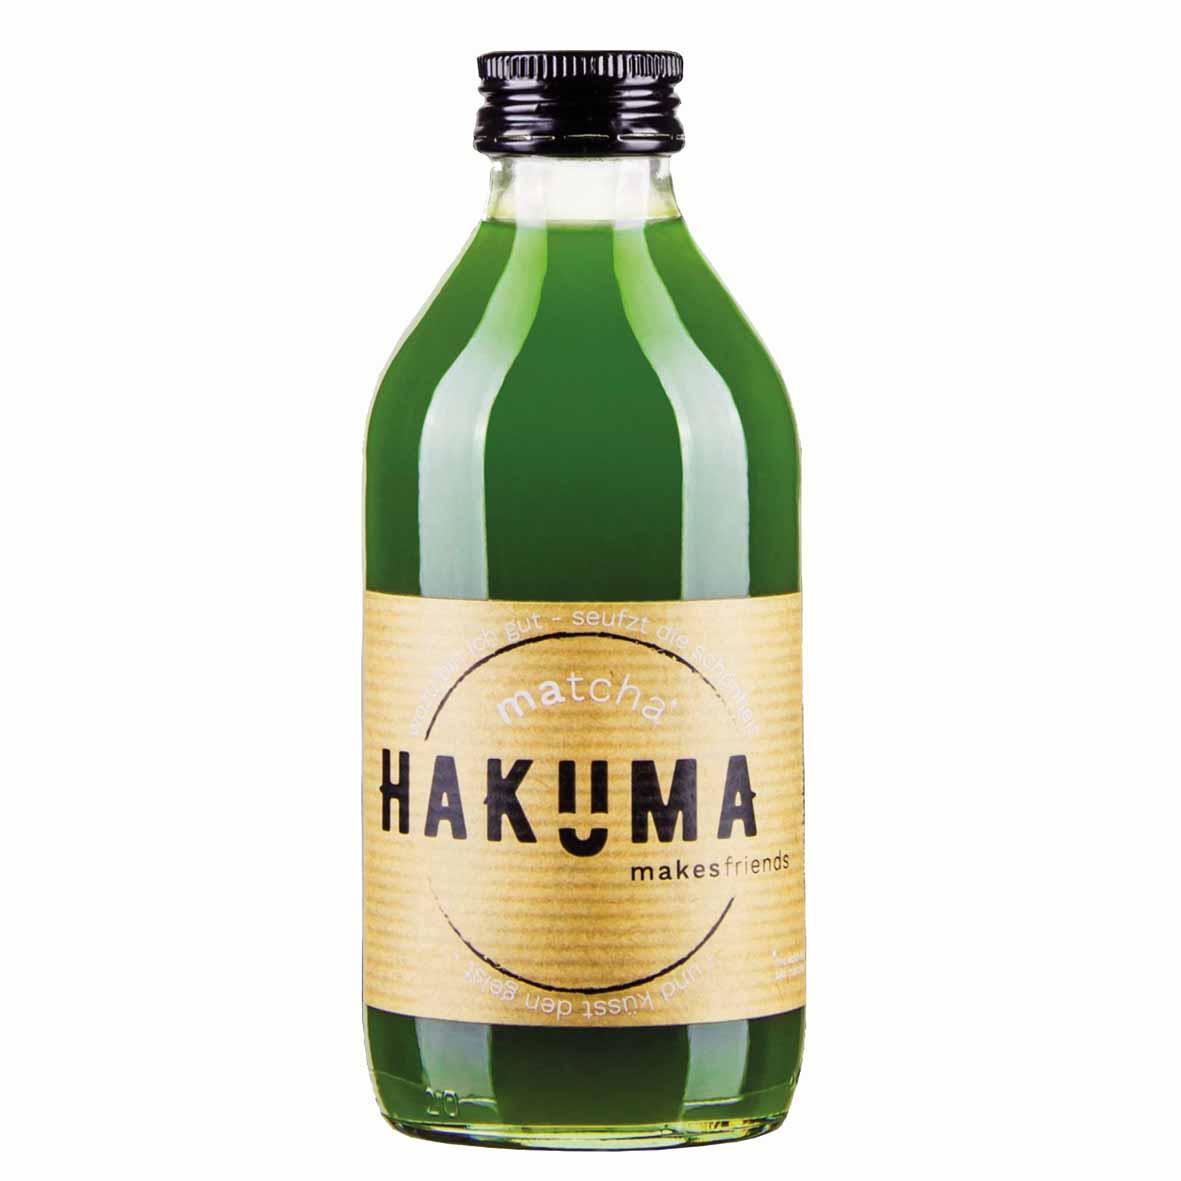 HAKUMA